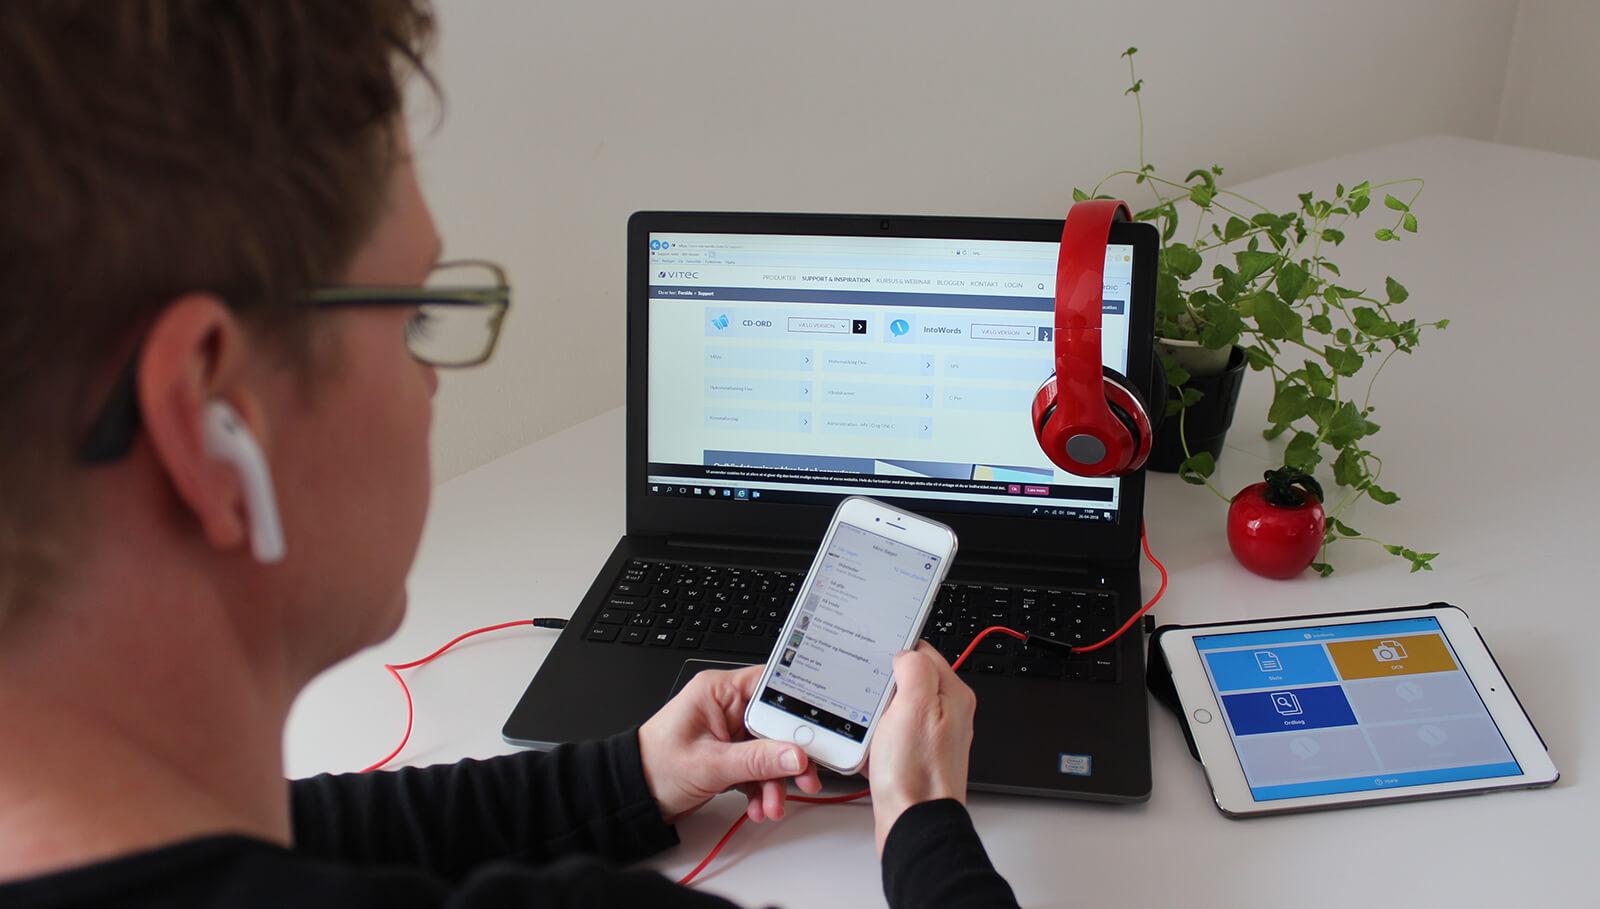 Hjælp til Ordblinde ved Randi Hedelund Jeppesen - Kurser, foredrag og IT-Hjælpemidler